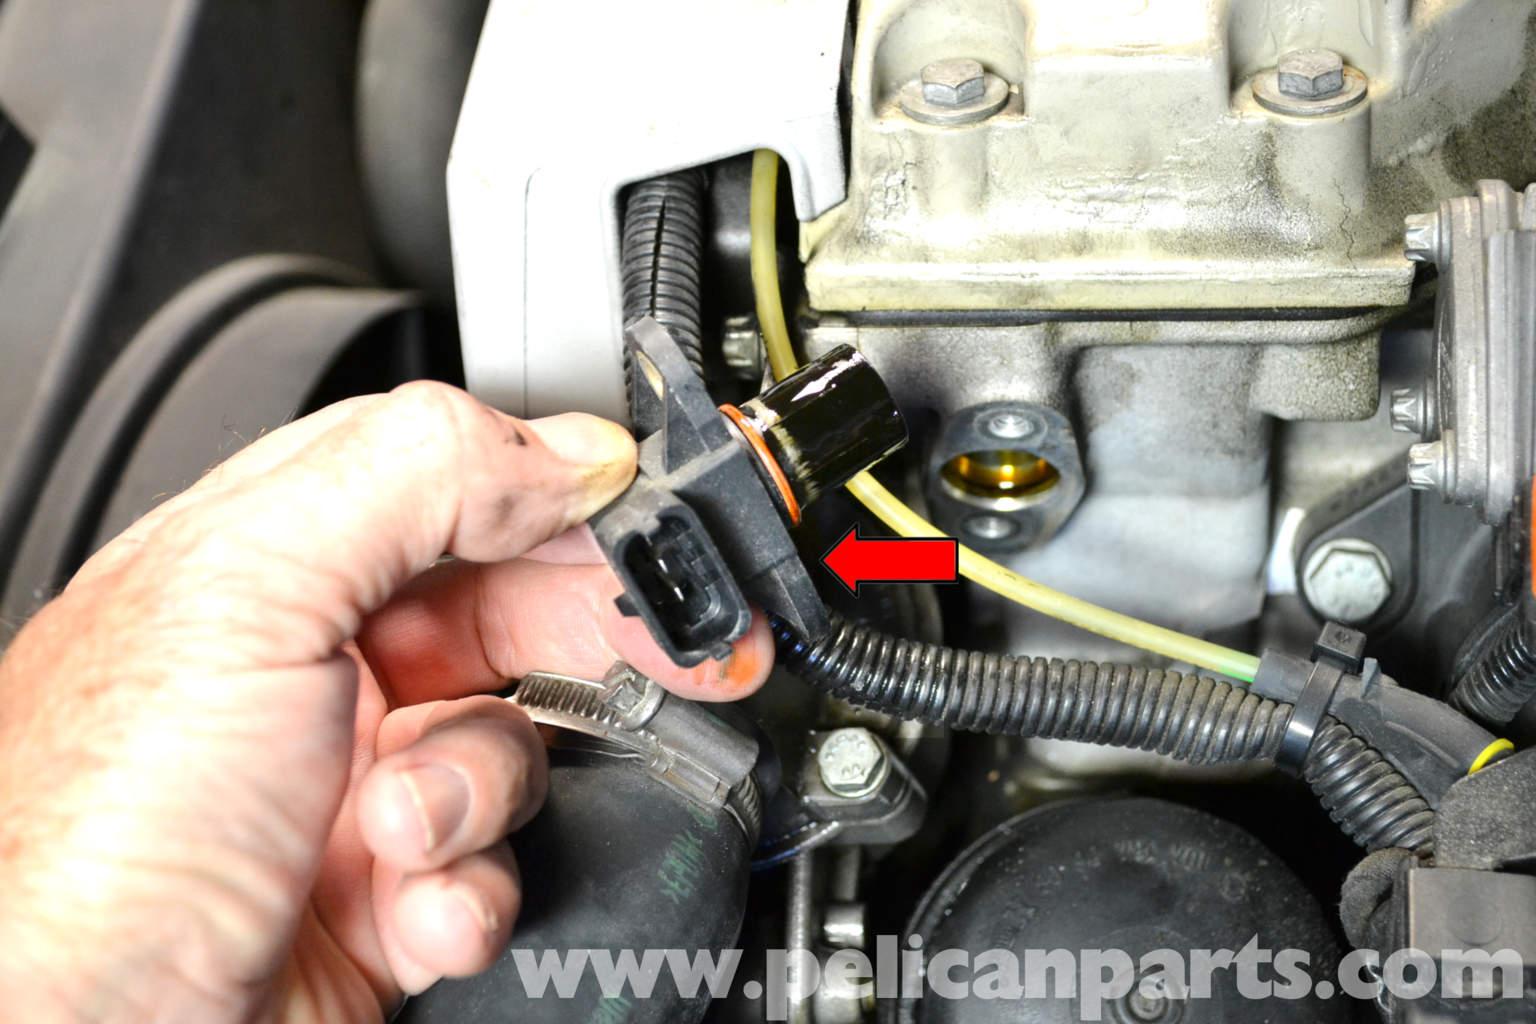 W211 Camshaft Position Sensor >> Mercedes-Benz SLK 230 Camshaft Positioning Sensor Replacement | 1998-2004 | Pelican Parts DIY ...